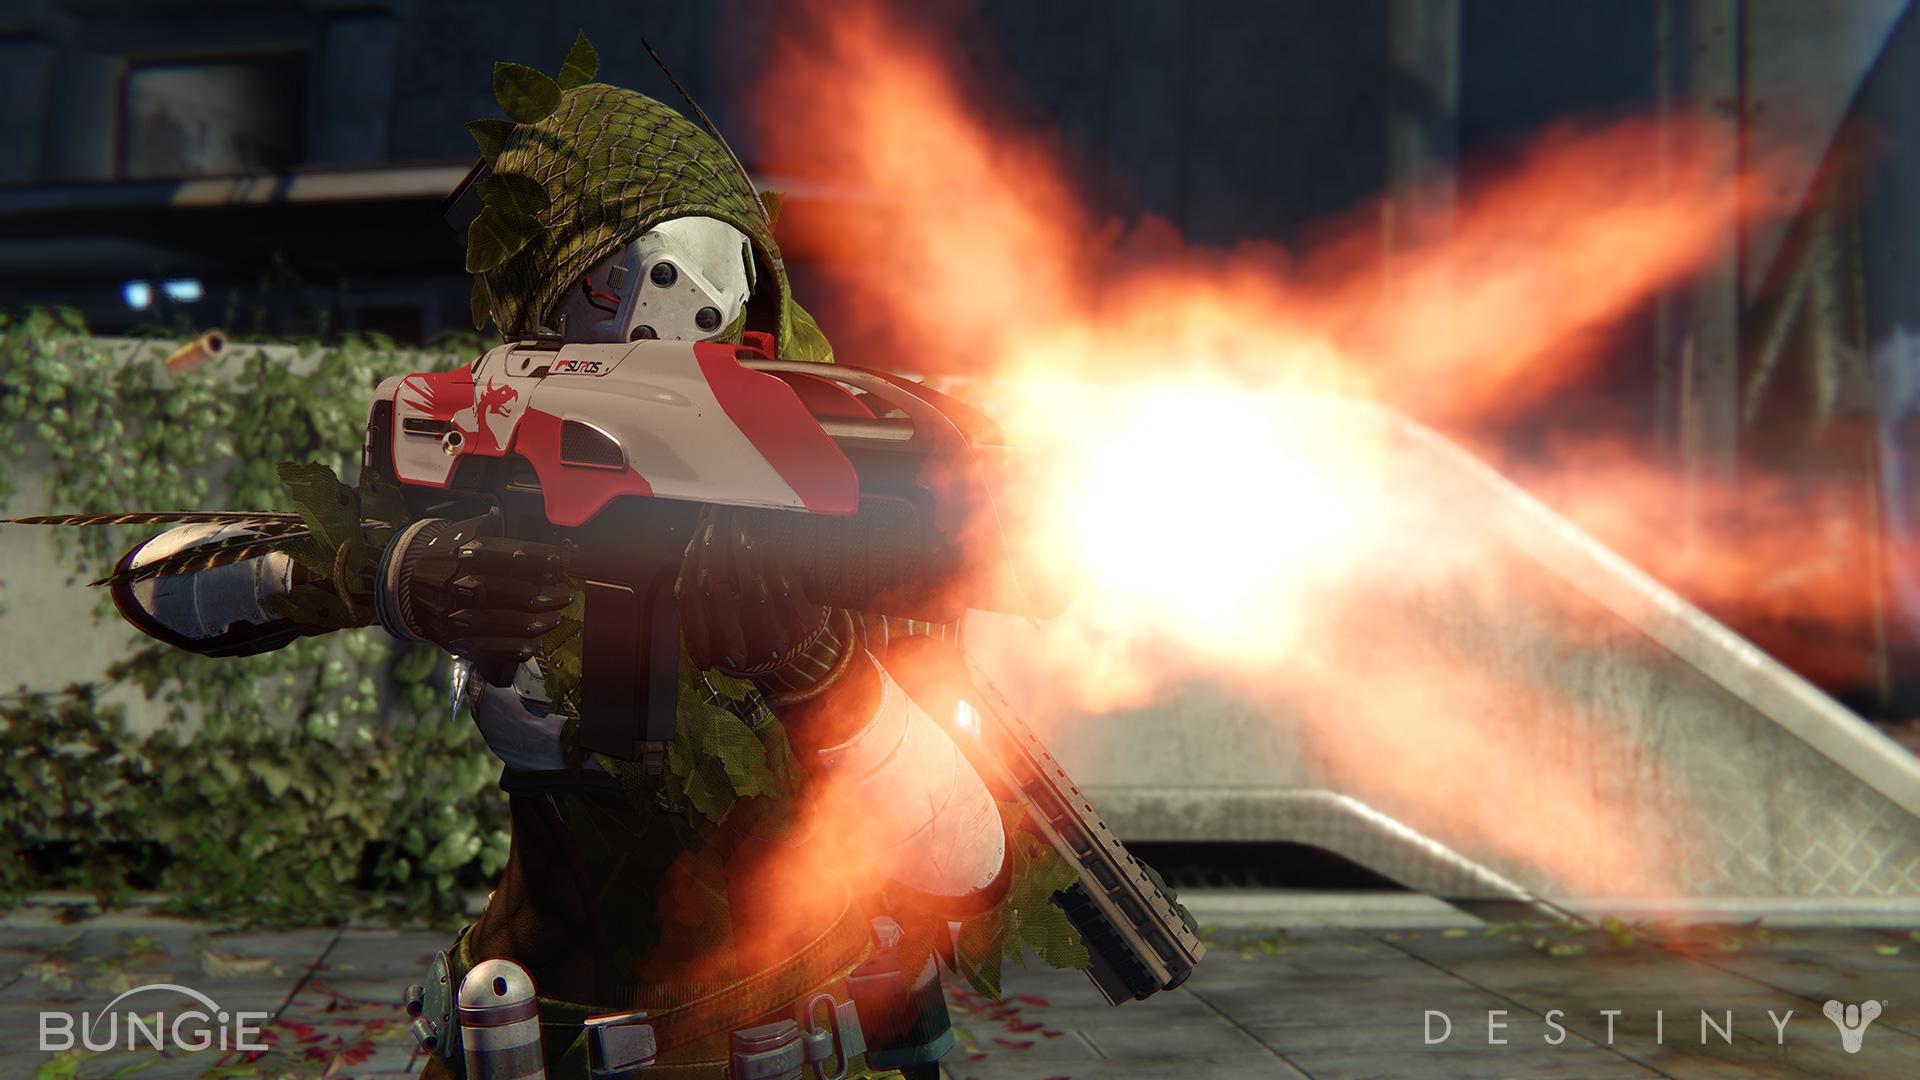 Destiny: Waffentag am 25.5. bringt all die schönen Suros-Waffen